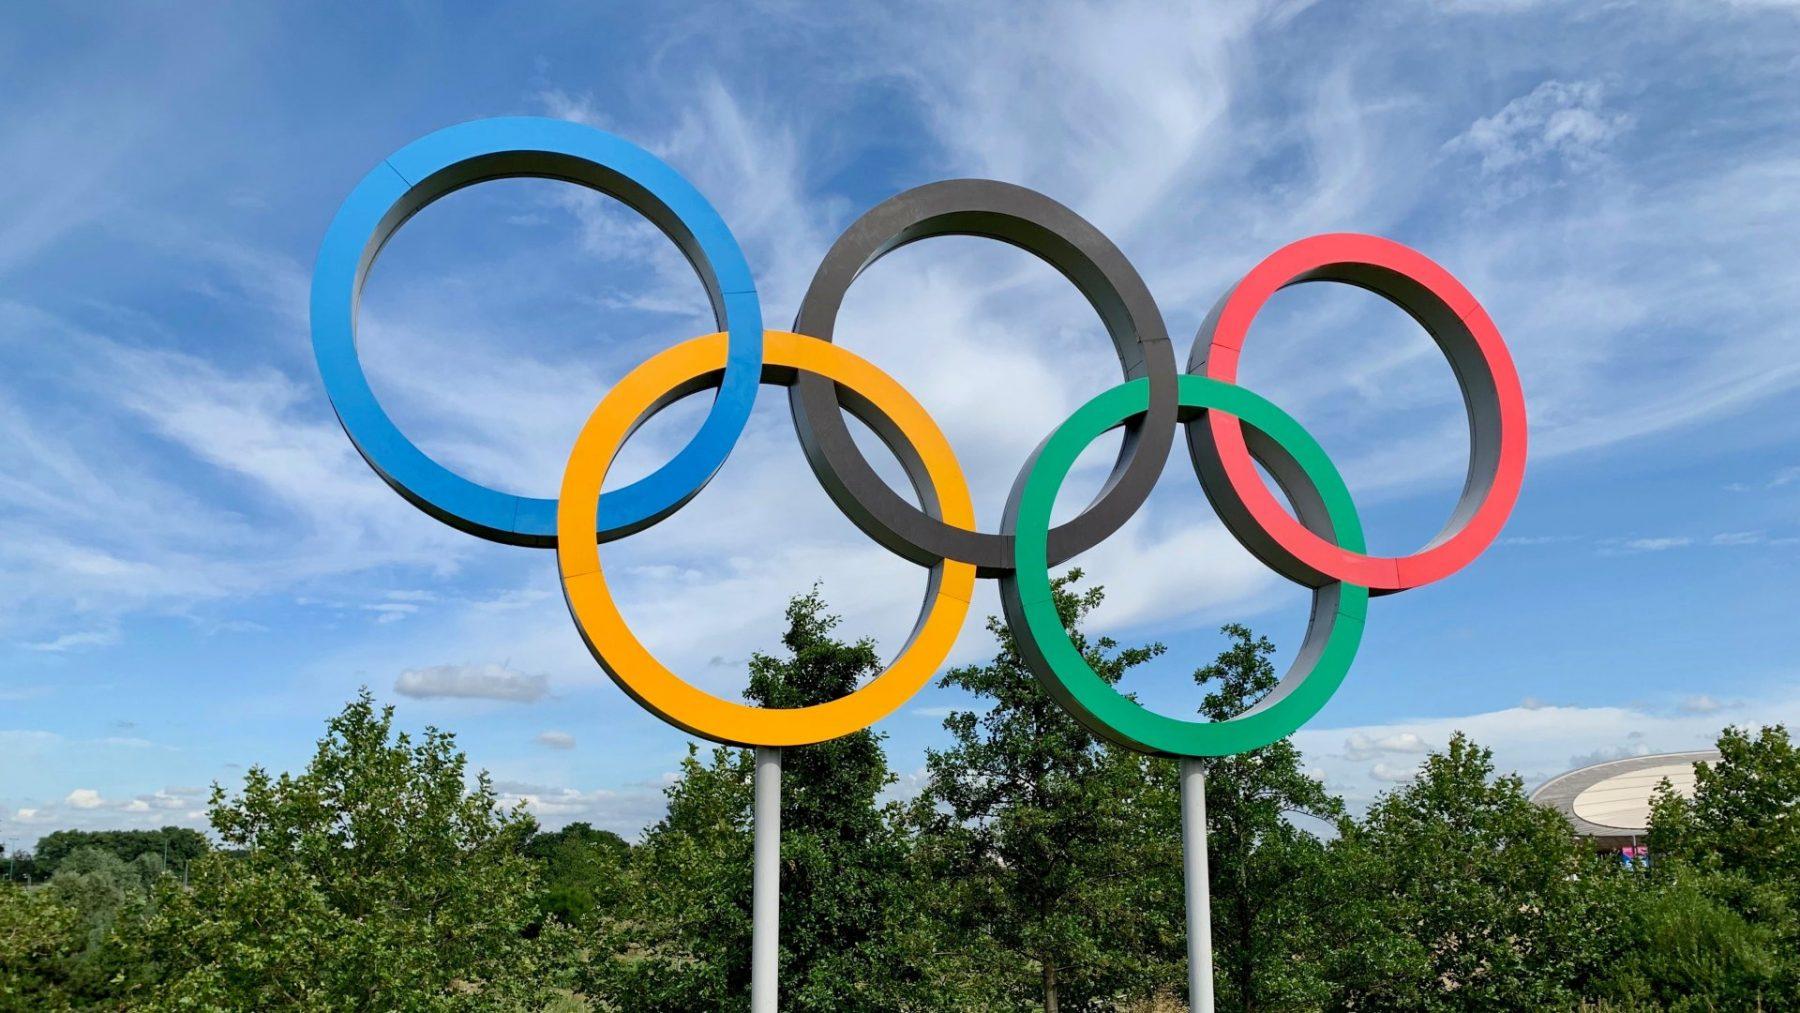 Eerste coronabesmetting vastgesteld inolympischdorp in Tokio